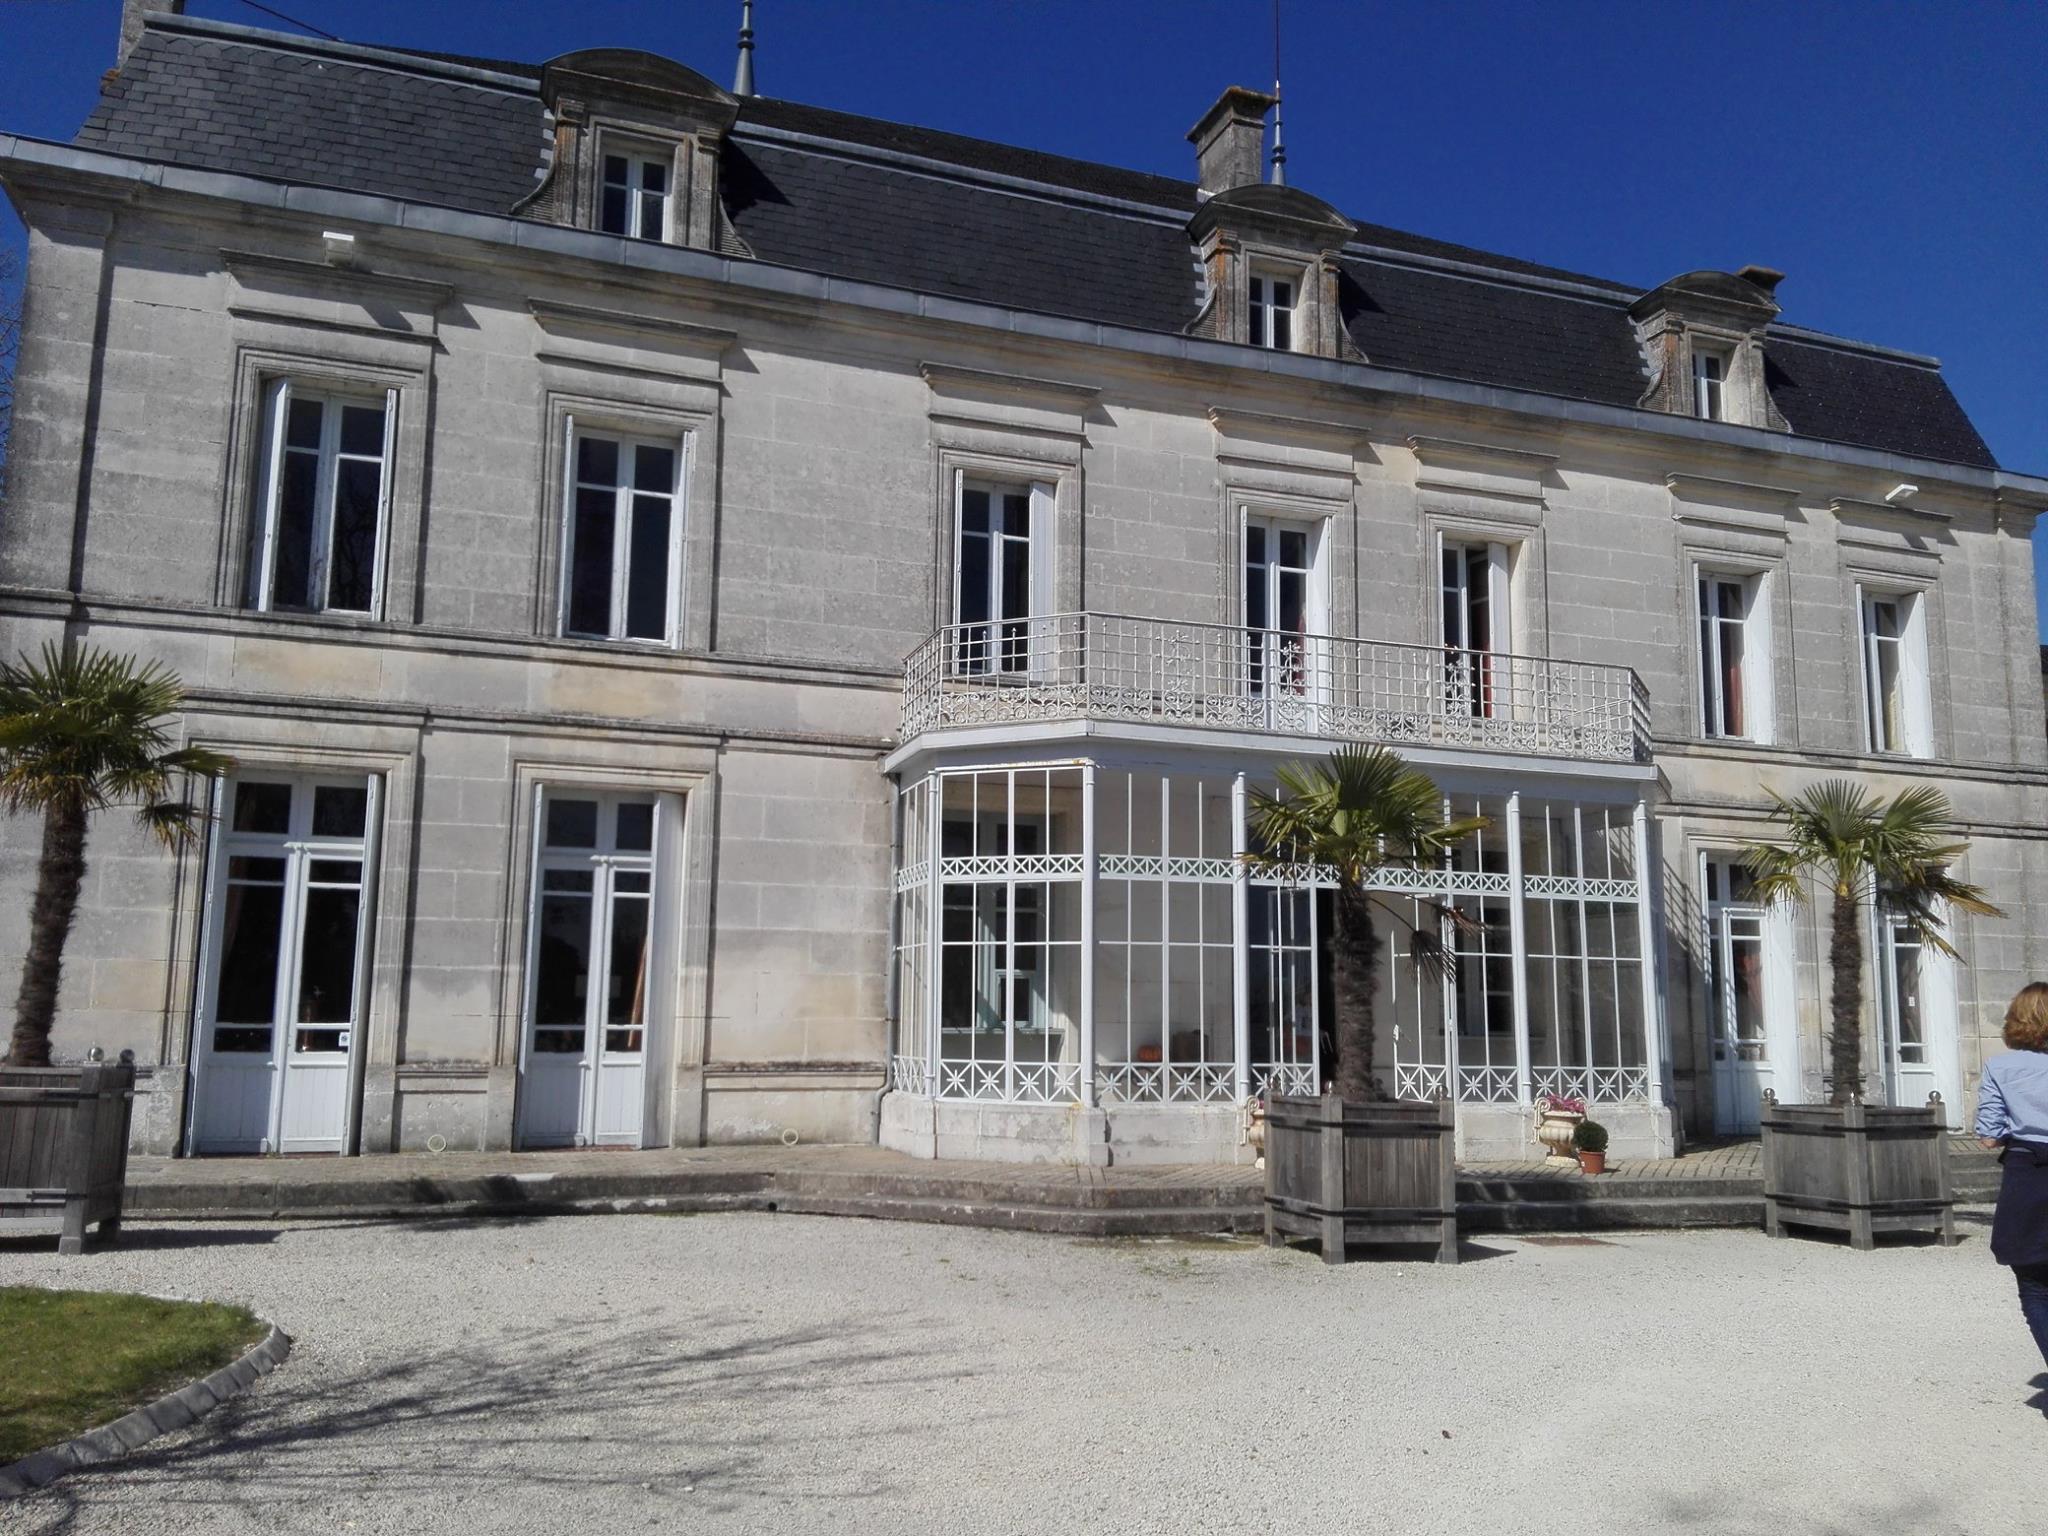 Château de Bonbonnet - Ars - Maison Ferrand